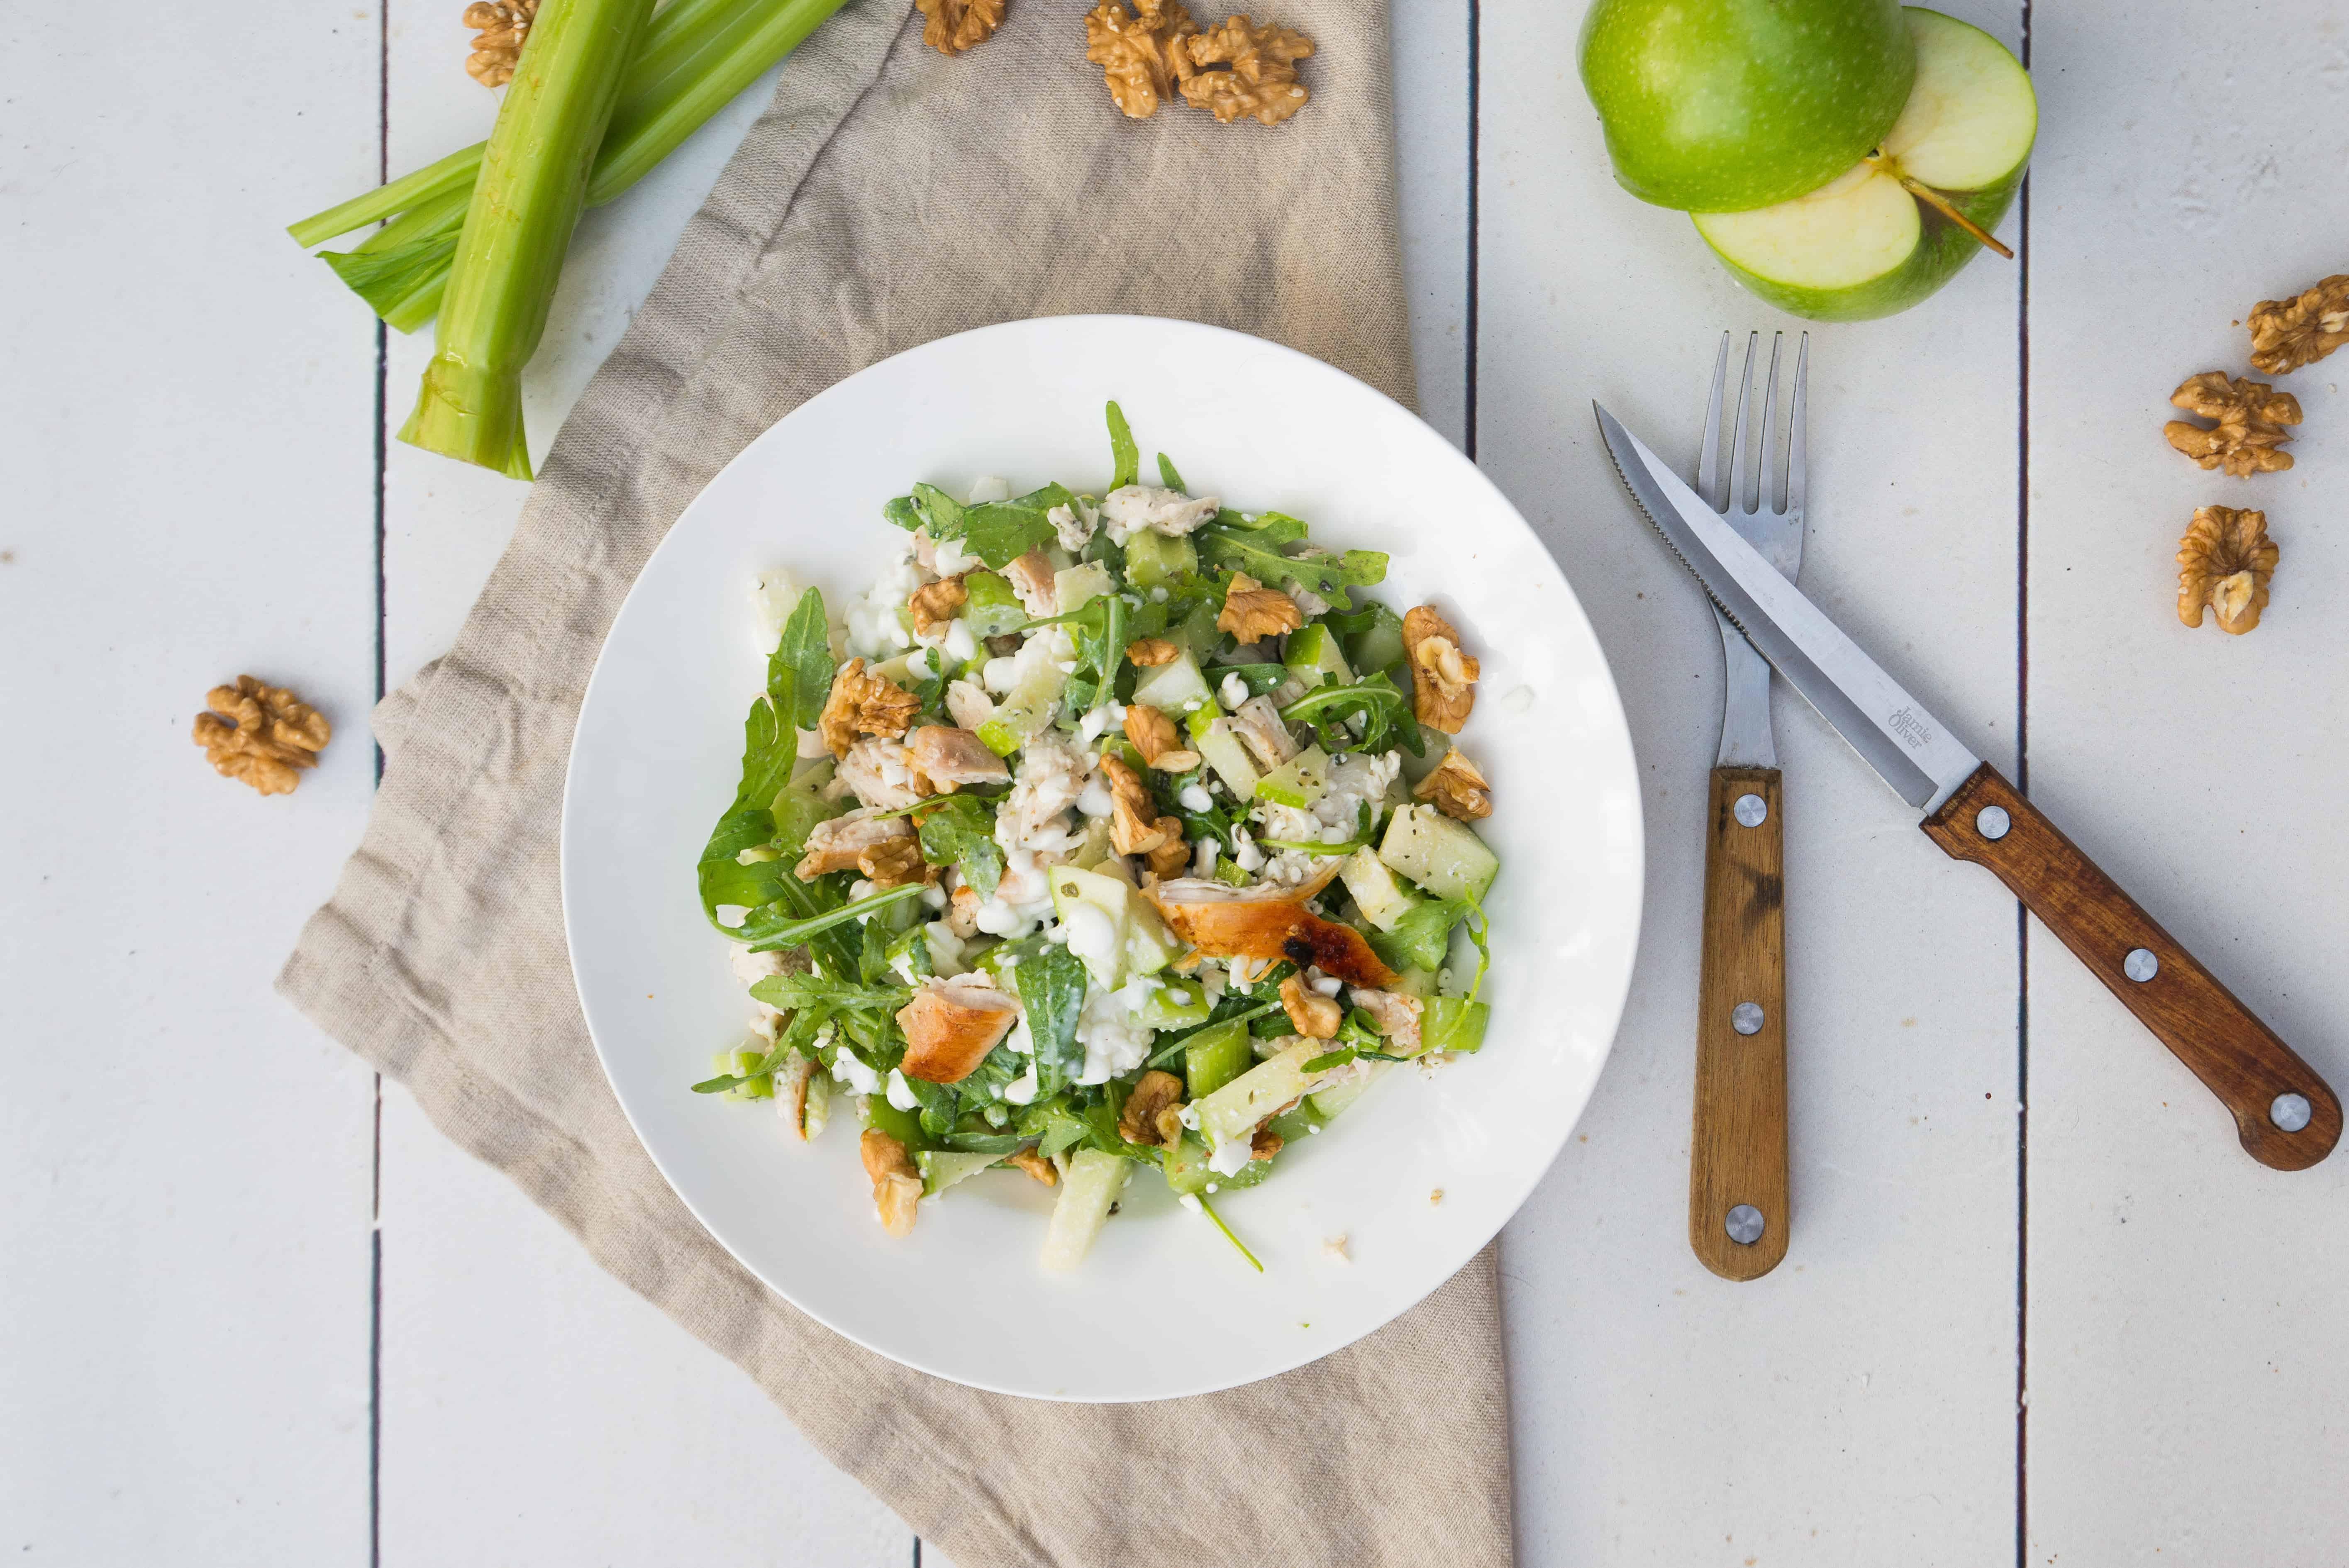 Waldorfsalade, salade, bleekselderij, gezond